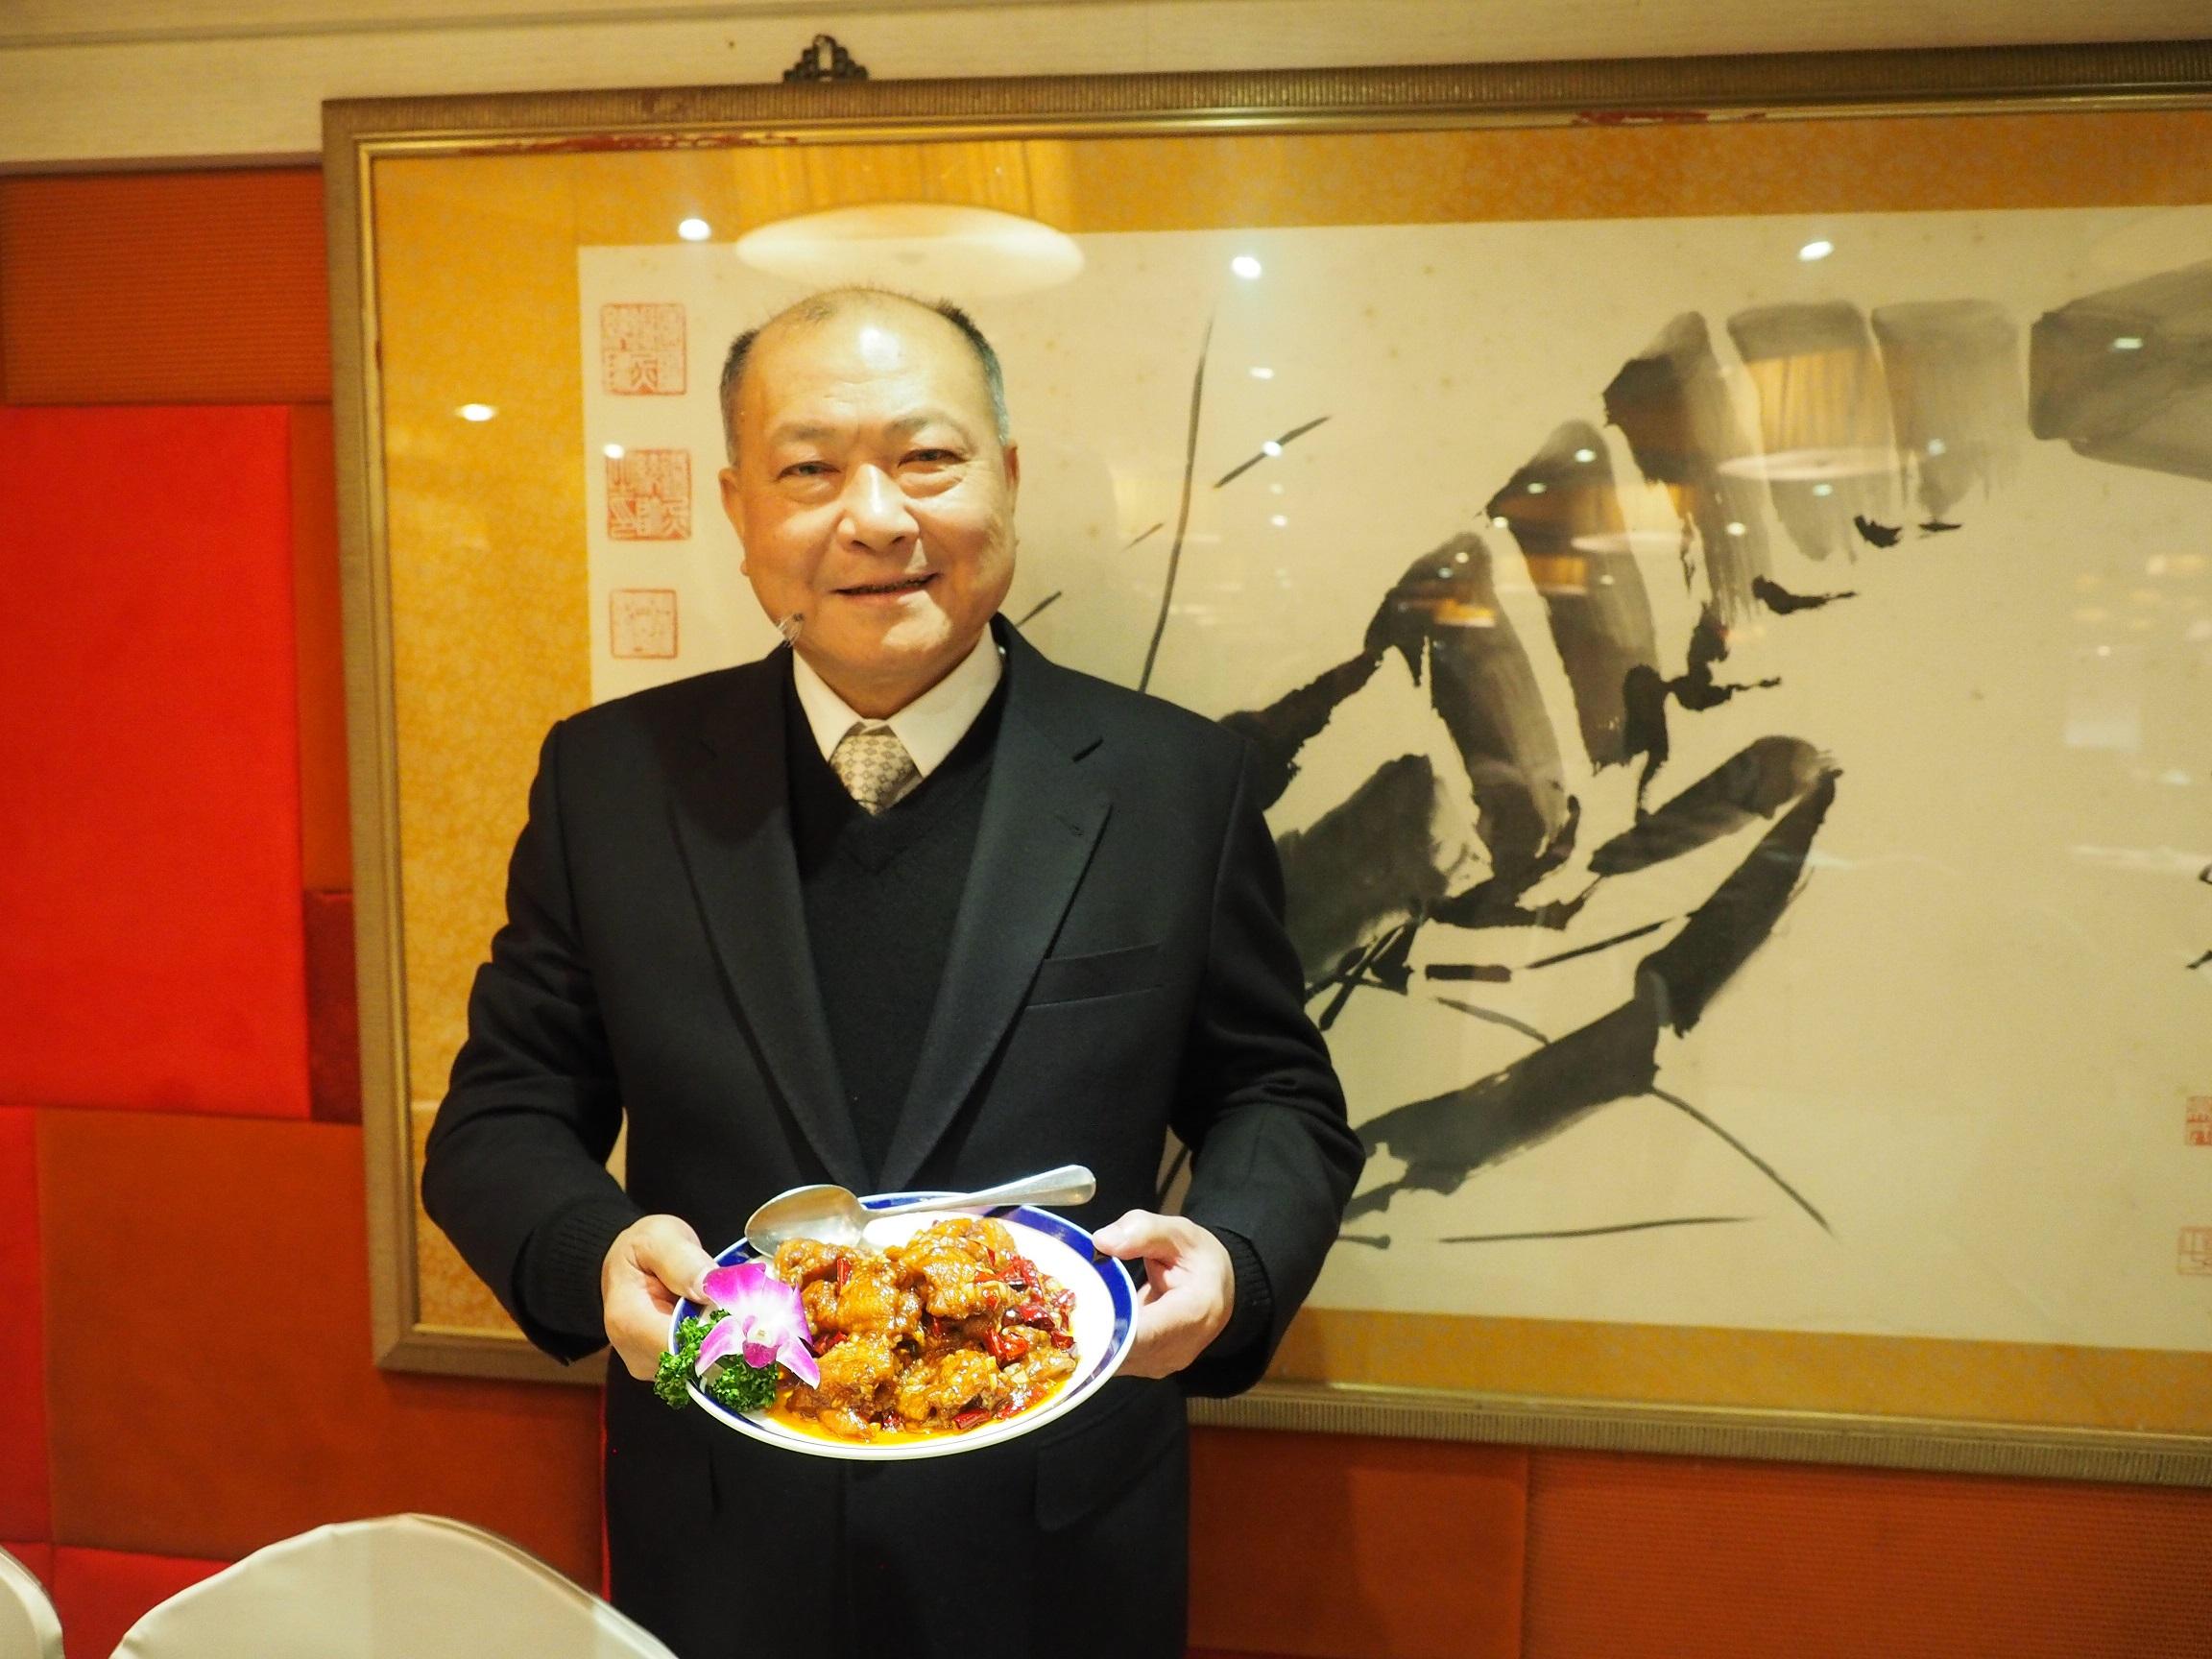 Recipe for General Tso's Chicken